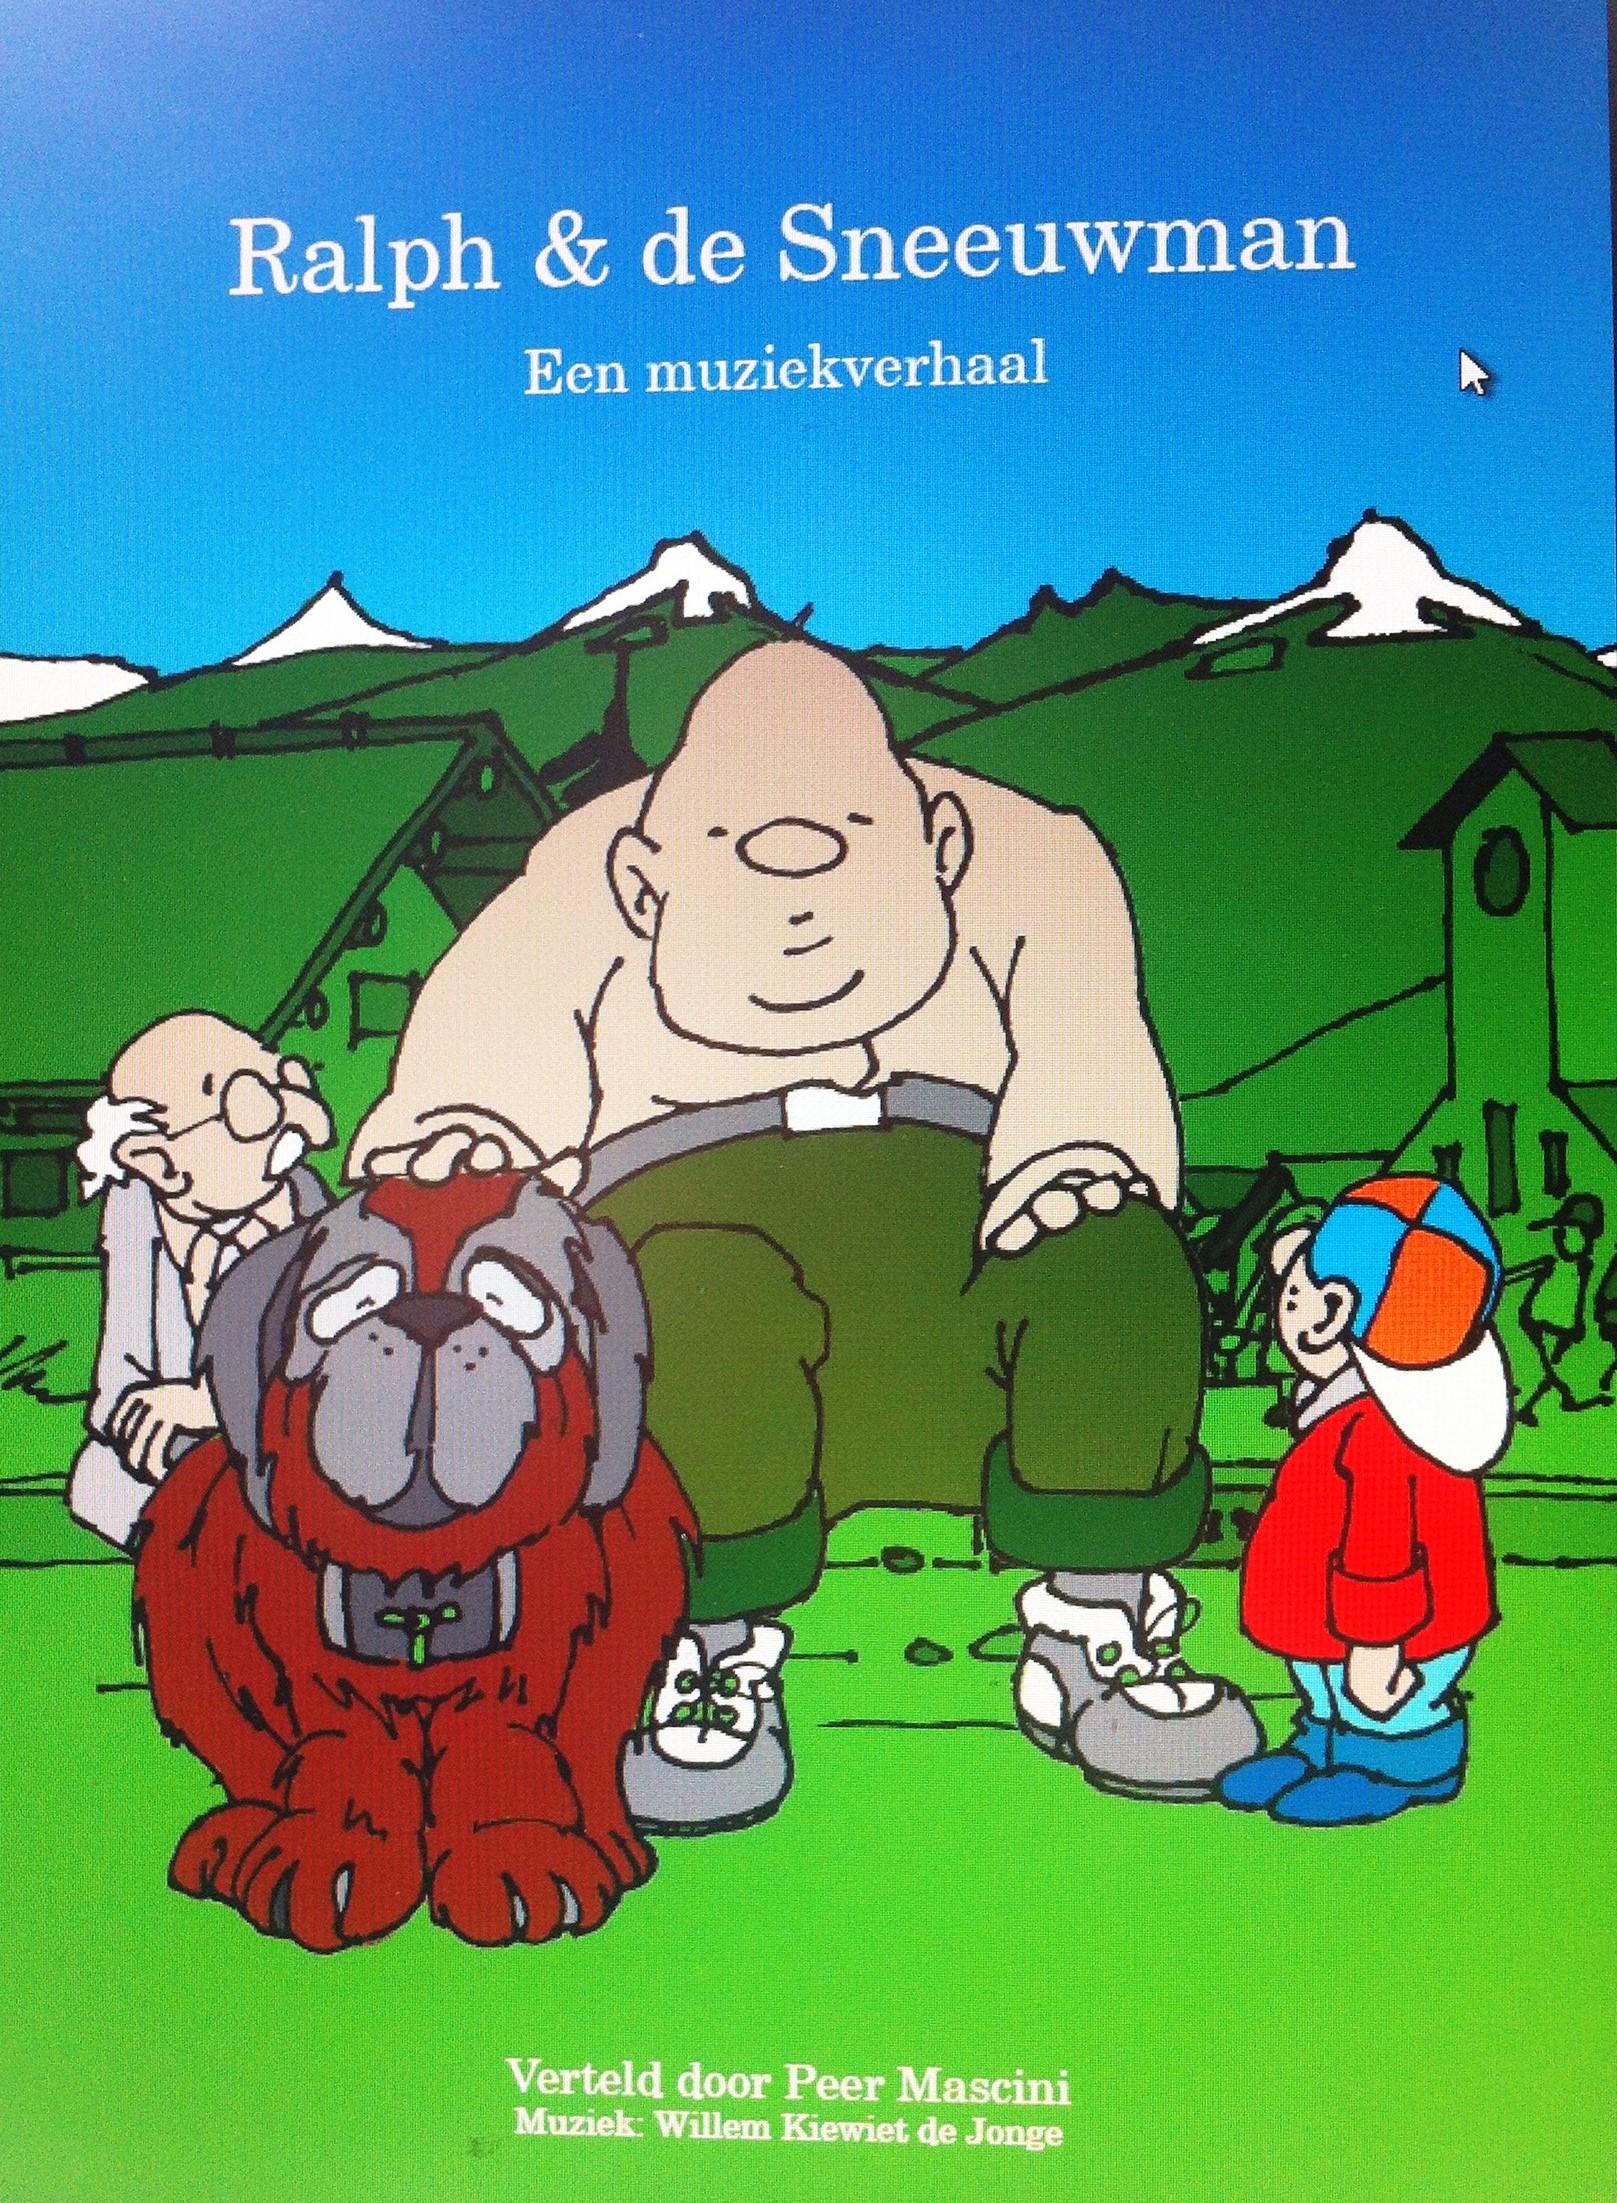 Muziekverhaal Ralf en de Sneeuwman nu ook on-line